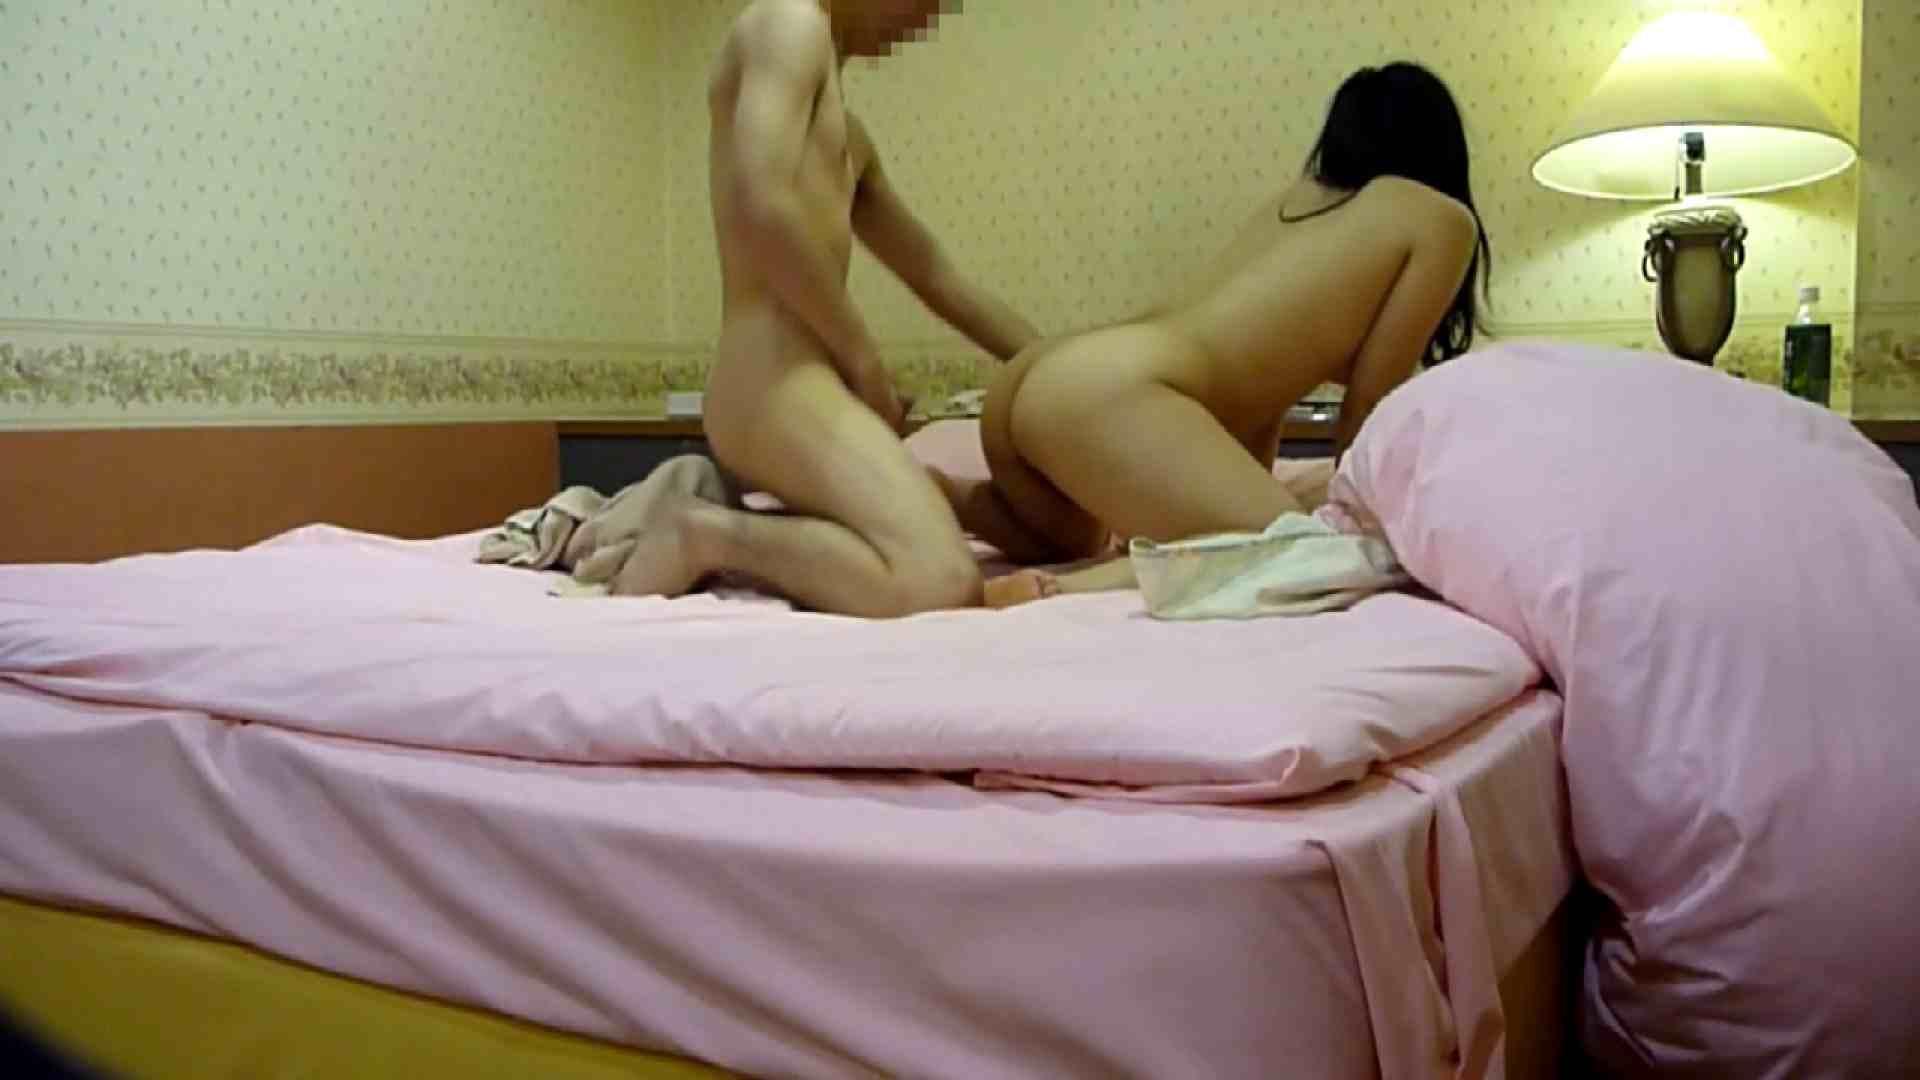 【完全素人投稿】誰にしようか!?やりチン健太の本日もデリ嬢いただきま~す!!05 投稿 | 素人丸裸  95pic 59